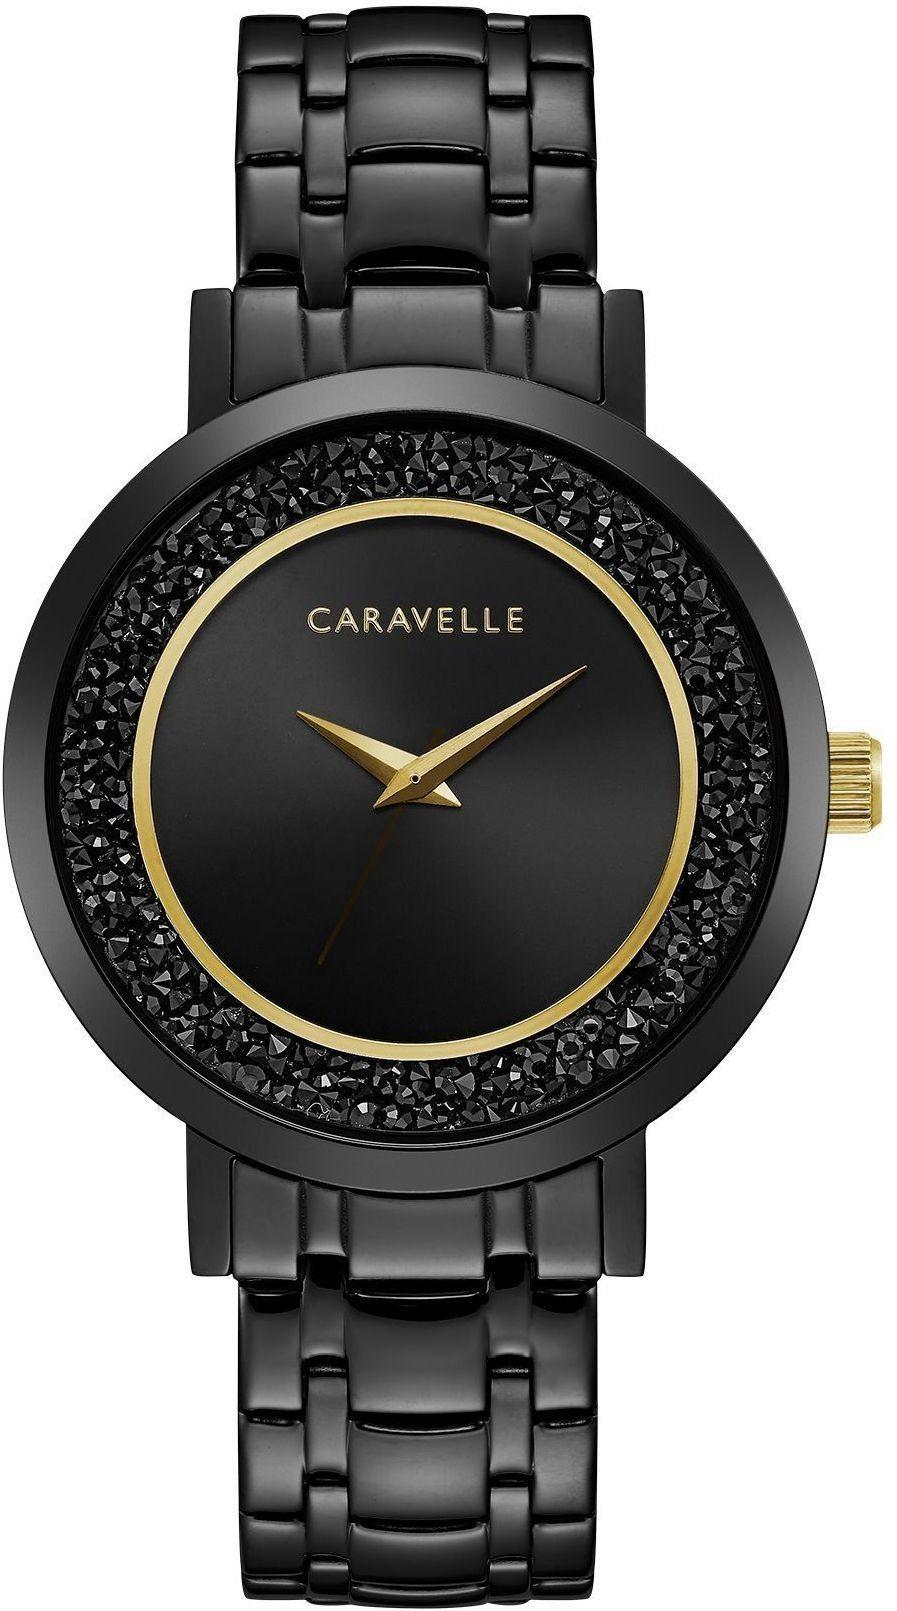 Zegarek Caravelle 45L181 - CENA DO NEGOCJACJI - DOSTAWA DHL GRATIS, KUPUJ BEZ RYZYKA - 100 dni na zwrot, możliwość wygrawerowania dowolnego tekstu.